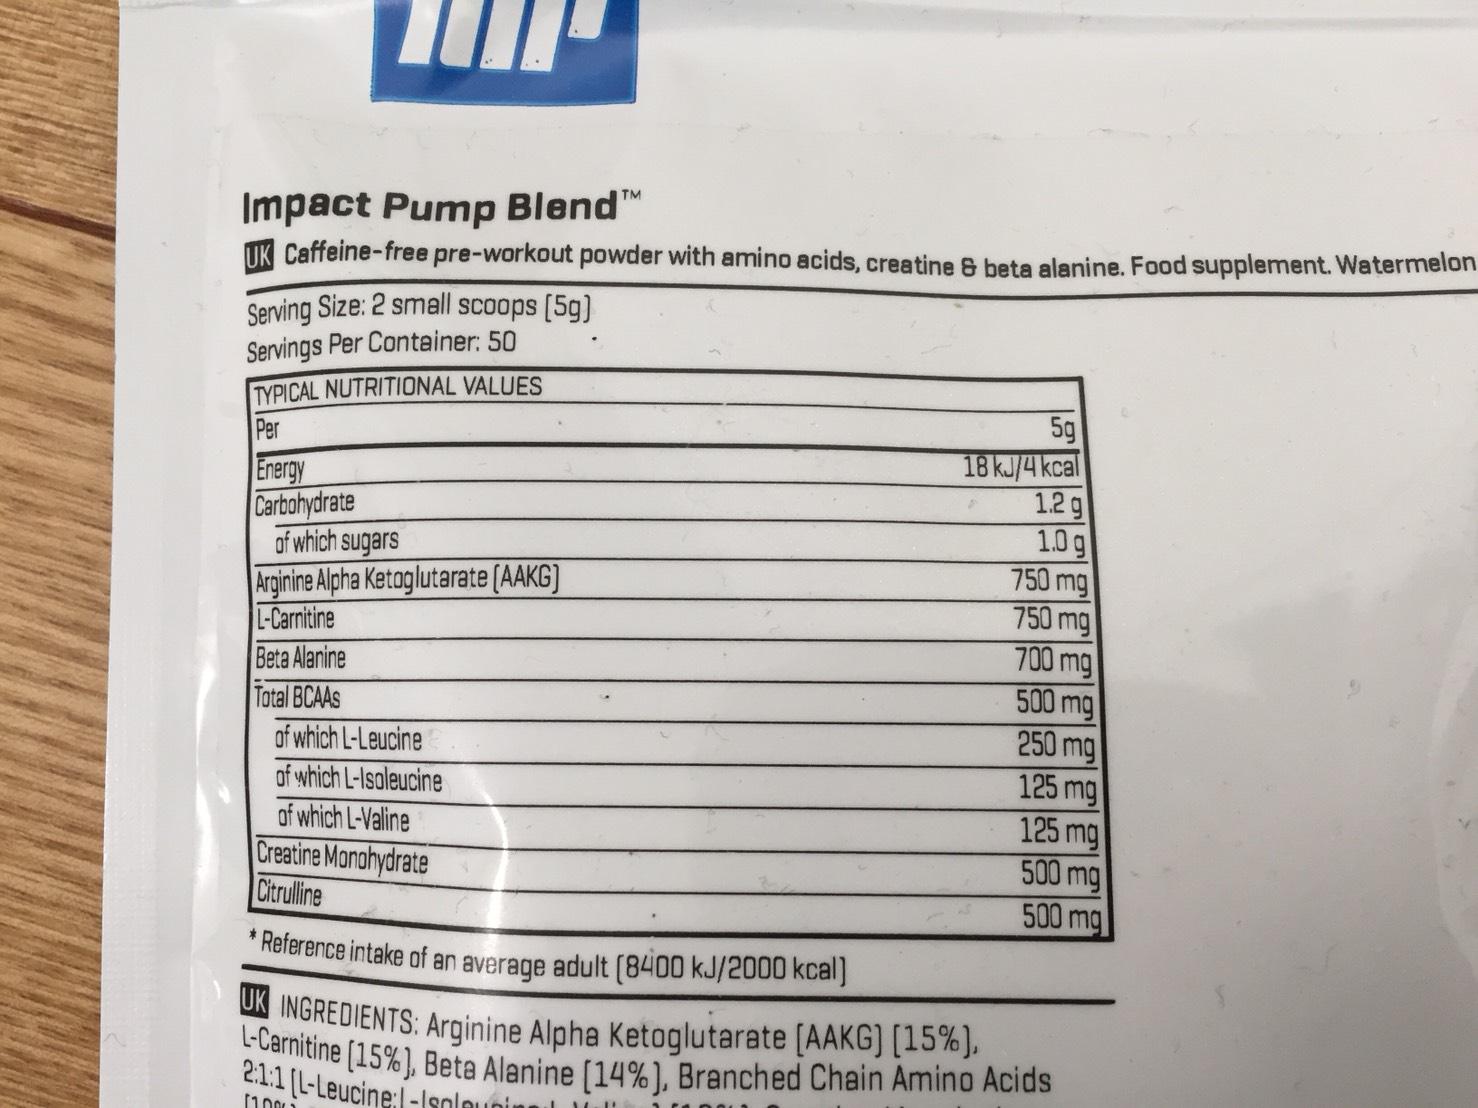 IMPACT パンプブレンド「WATERMELON FLAVOUR(メロン味)」の成分表